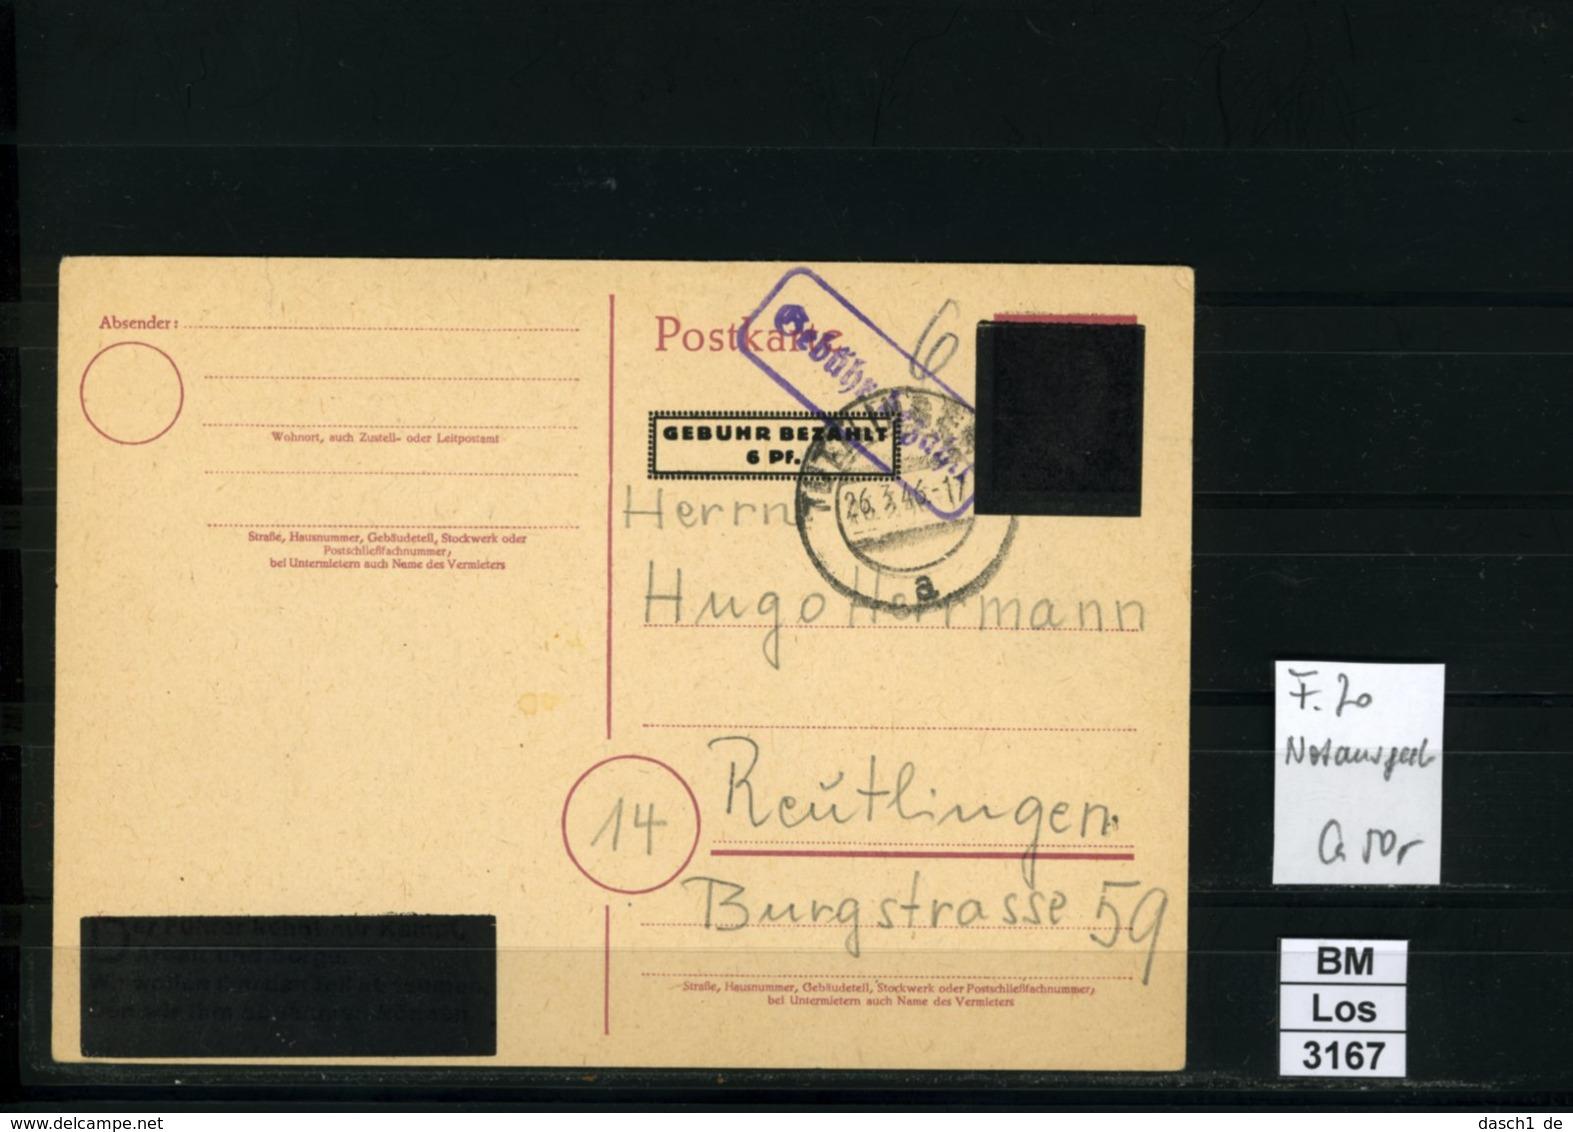 All. Bes., Ganzsachen, Notausgabe Mit Gebühr Bezahlt Stempel, Von Leidringen, 26.03.1946 - Gemeinschaftsausgaben